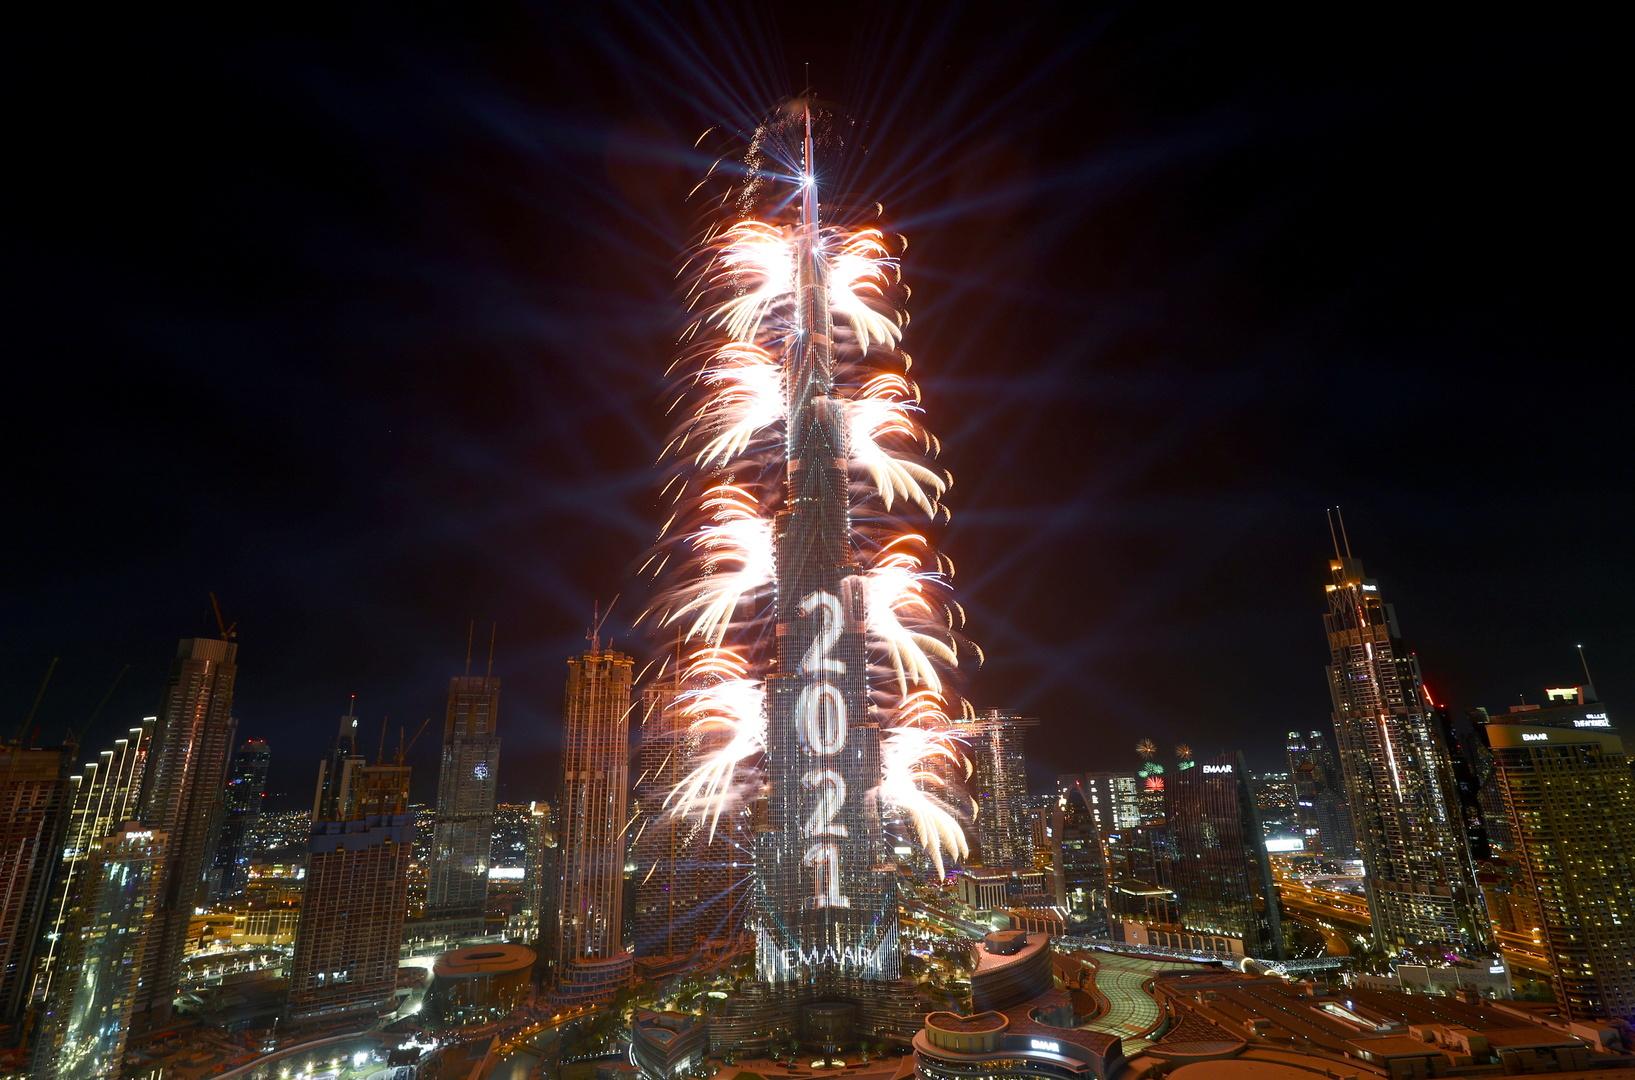 سياح إسرائيليون هرّبوا مخدرات إلى دبي للاحتفال بالعام الجديد